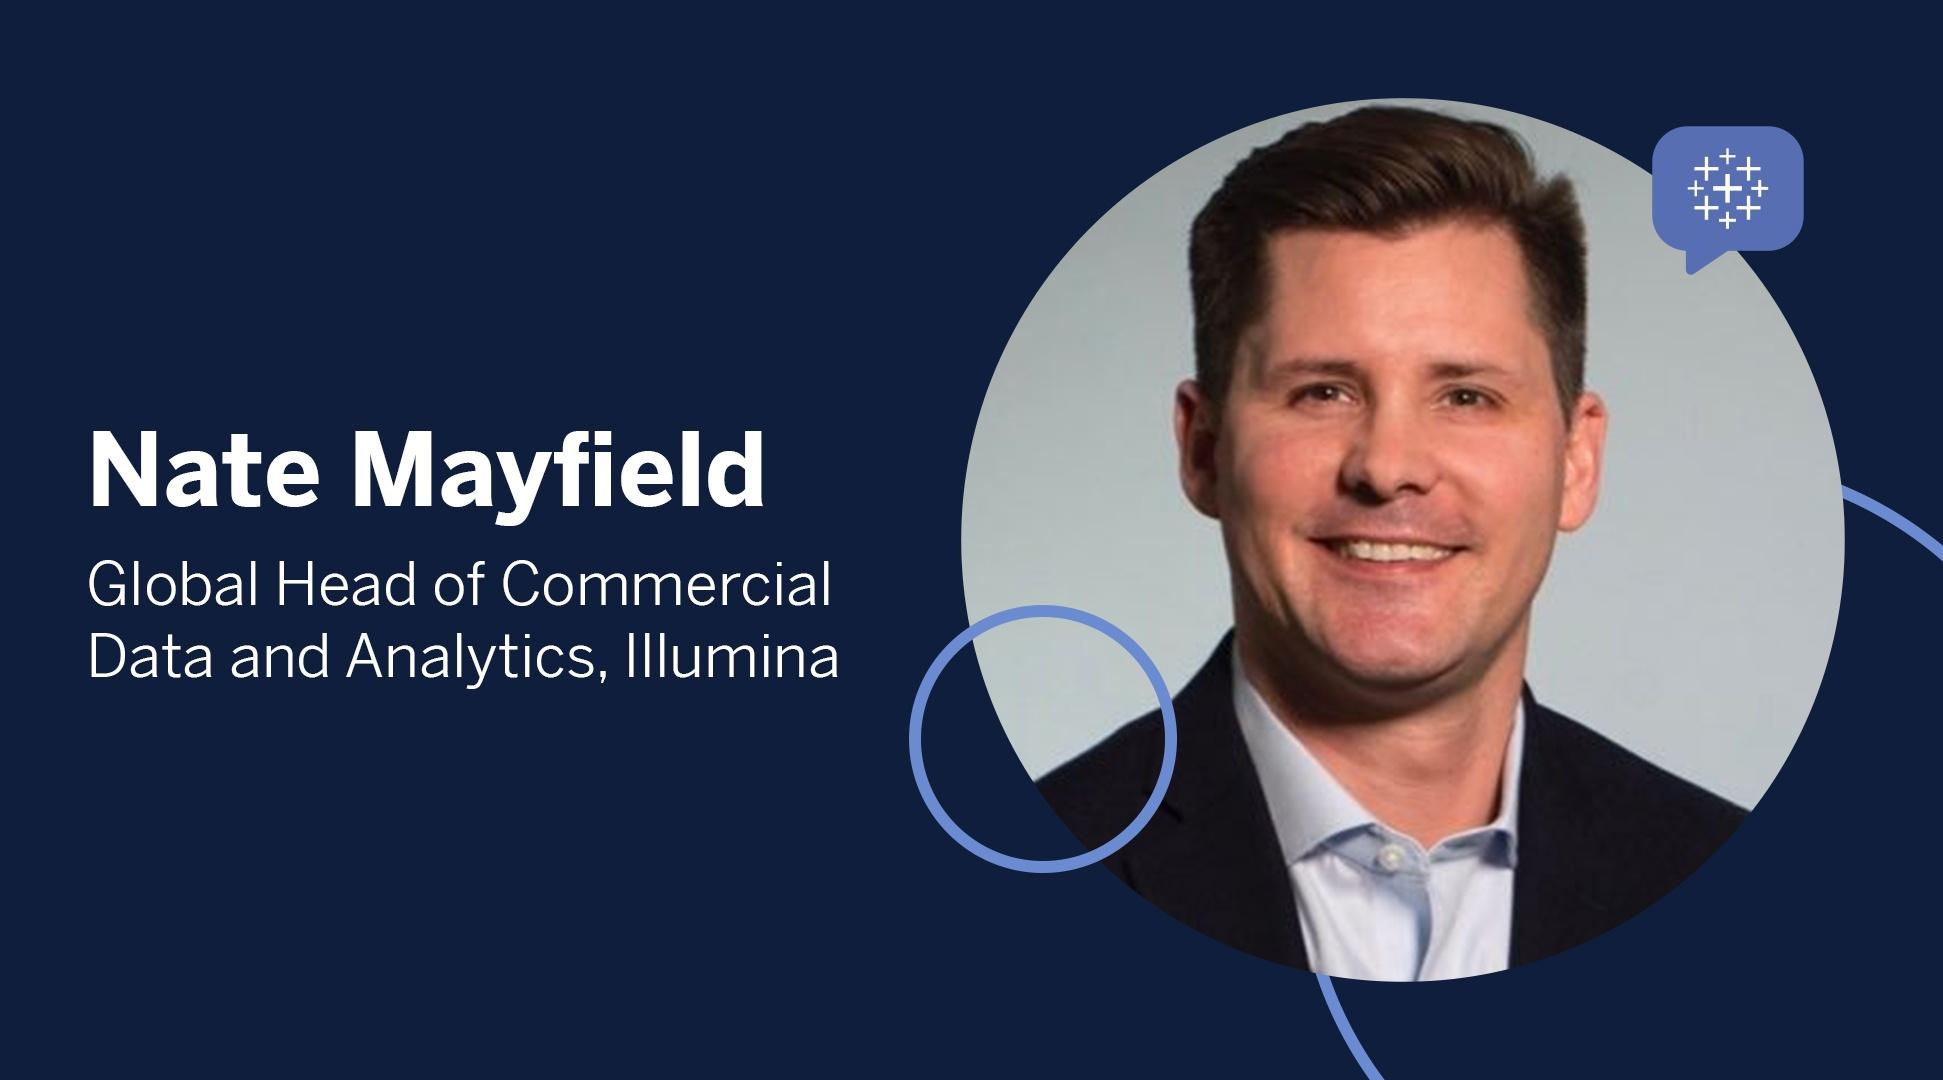 Nate Mayfield Headshot